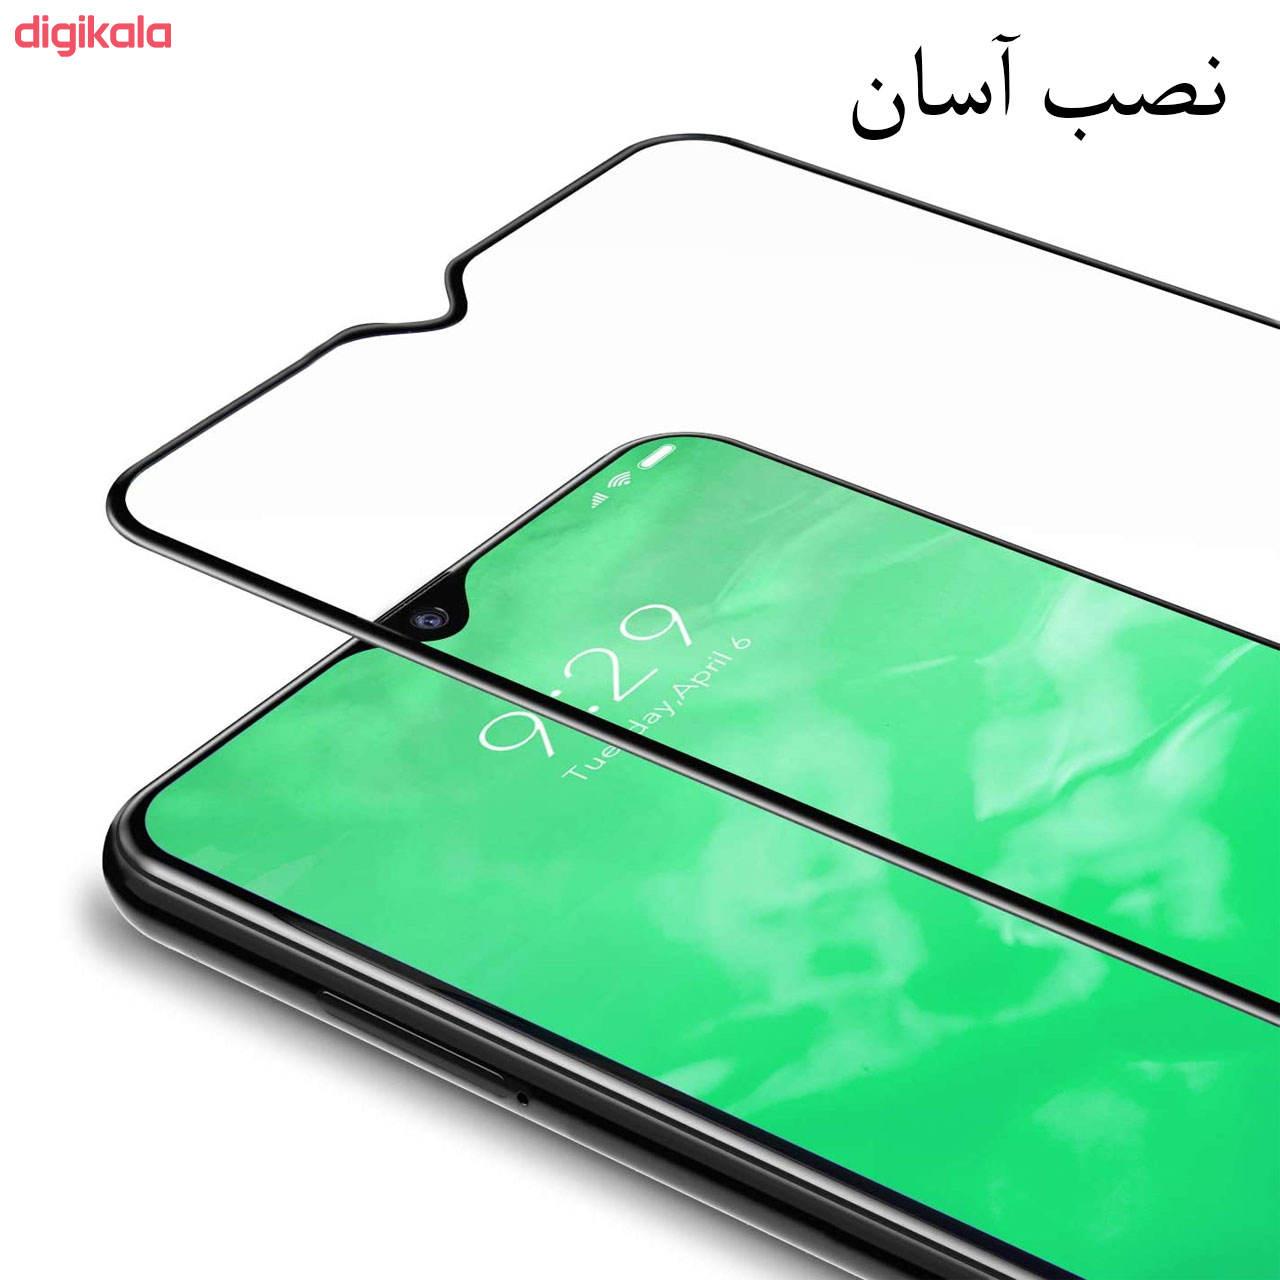 محافظ صفحه نمایش مدل FCG مناسب برای گوشی موبایل سامسونگ Galaxy M20 بسته سه عددی main 1 3